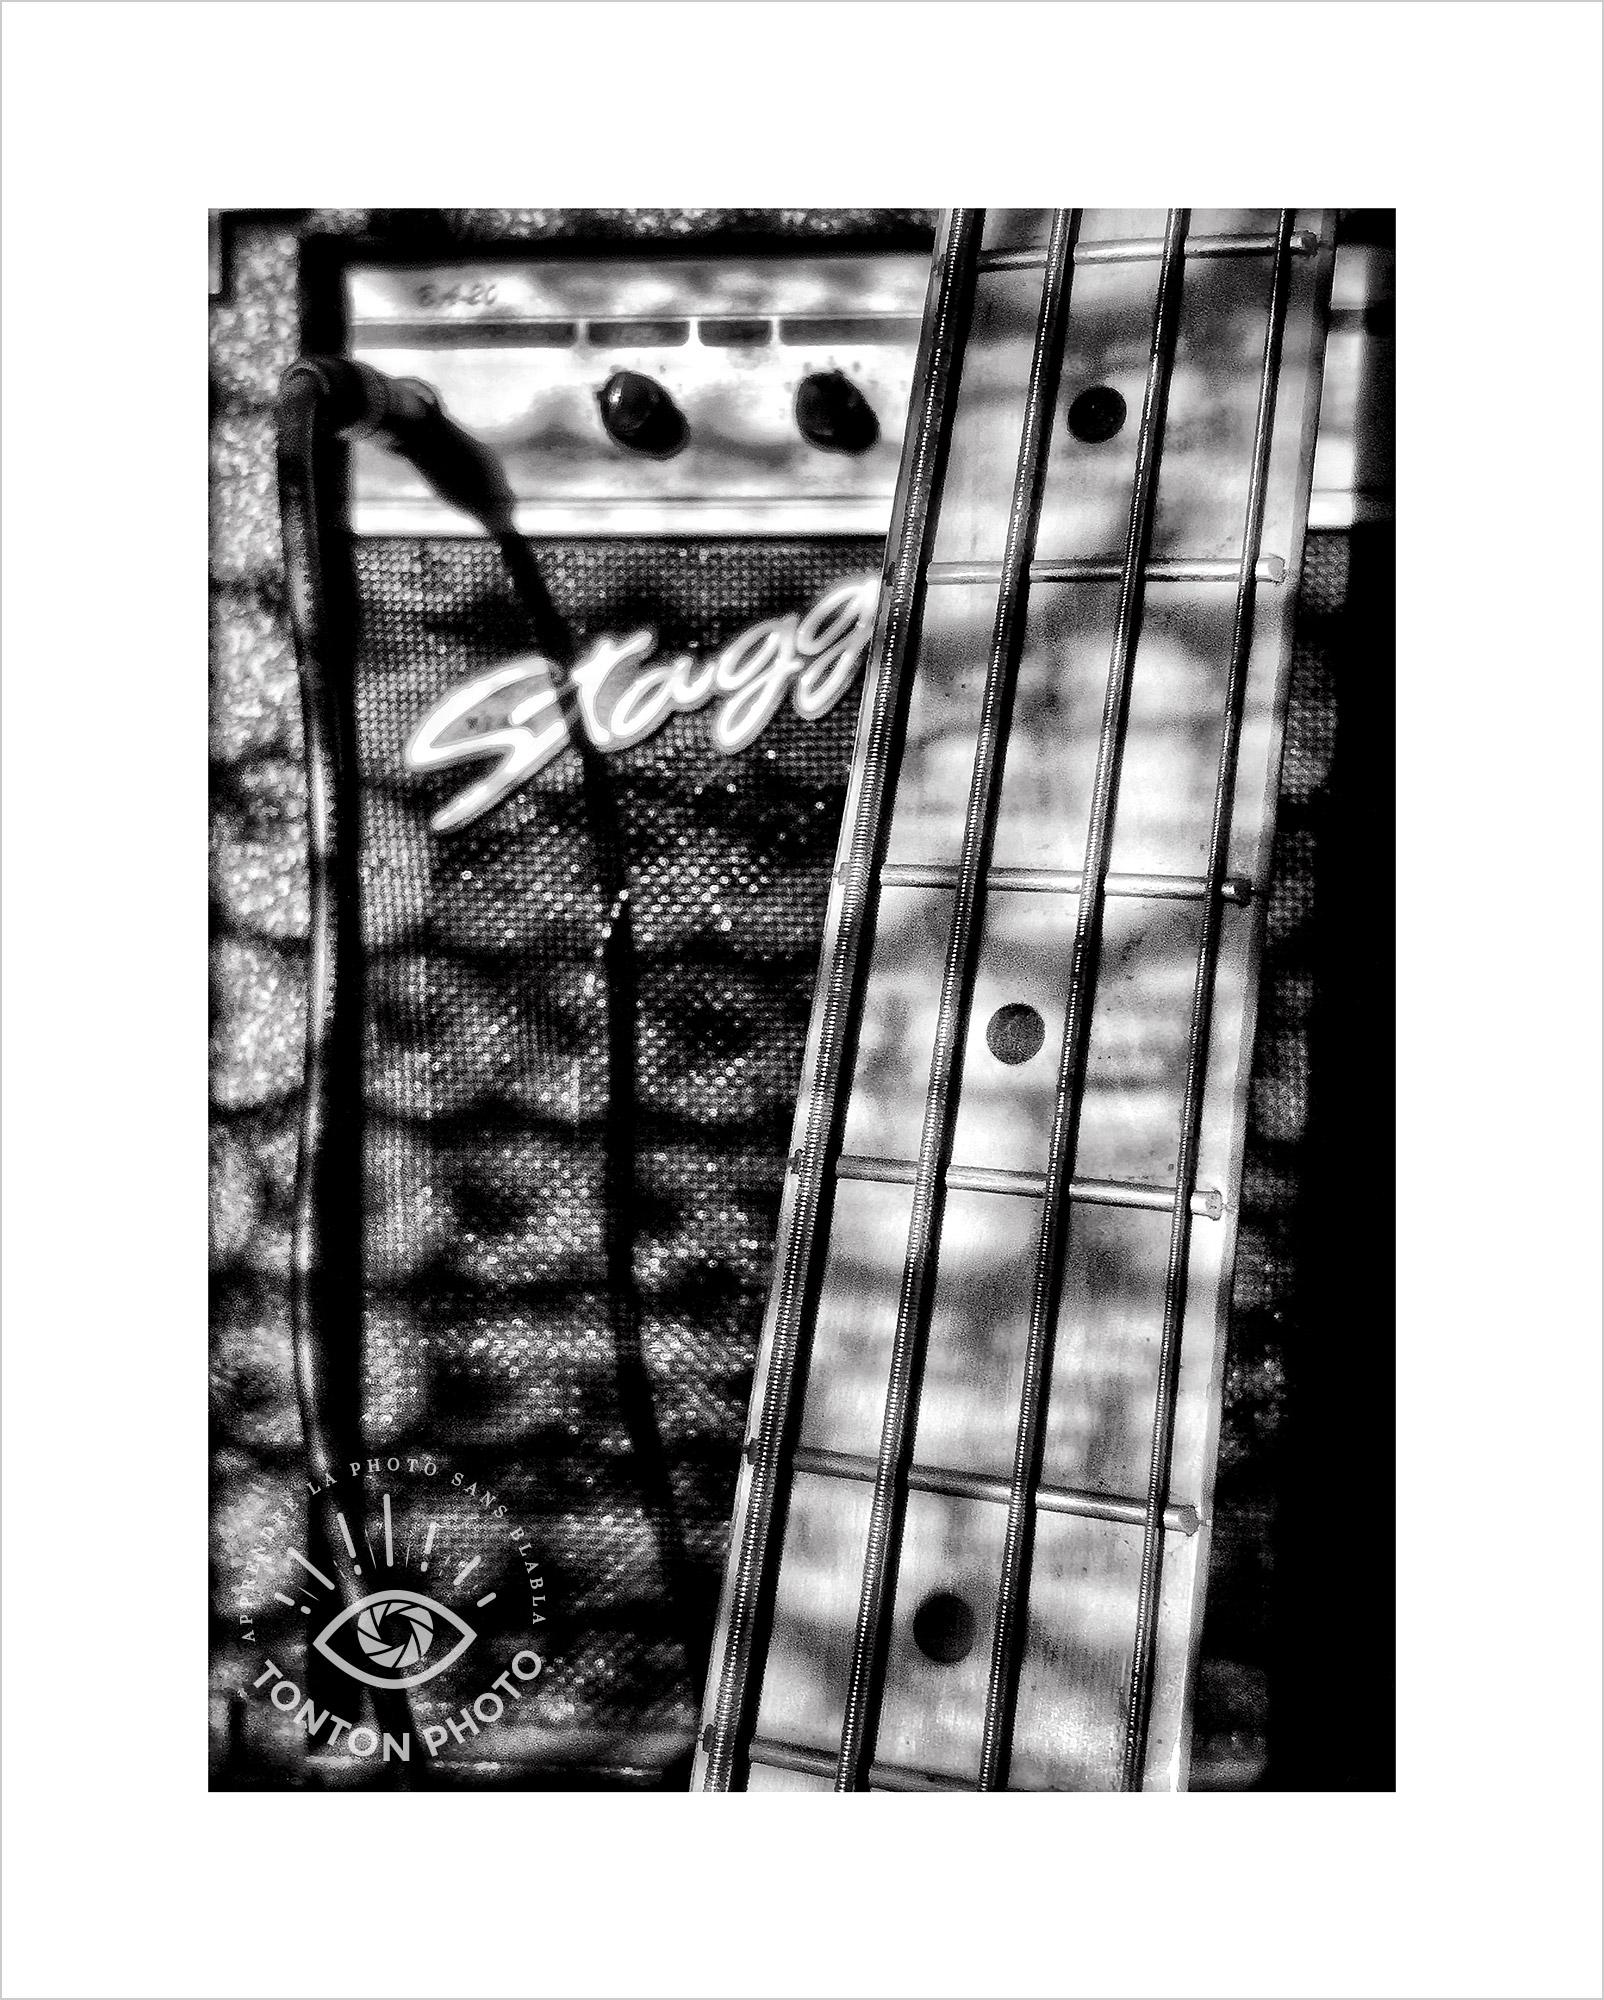 Au lever du jour, jeu d'ombre et de lumière sur la basse électrique et son ampli. Photo prise au smartphone Xiaomi Mi Mix 3 © Tonton Photo